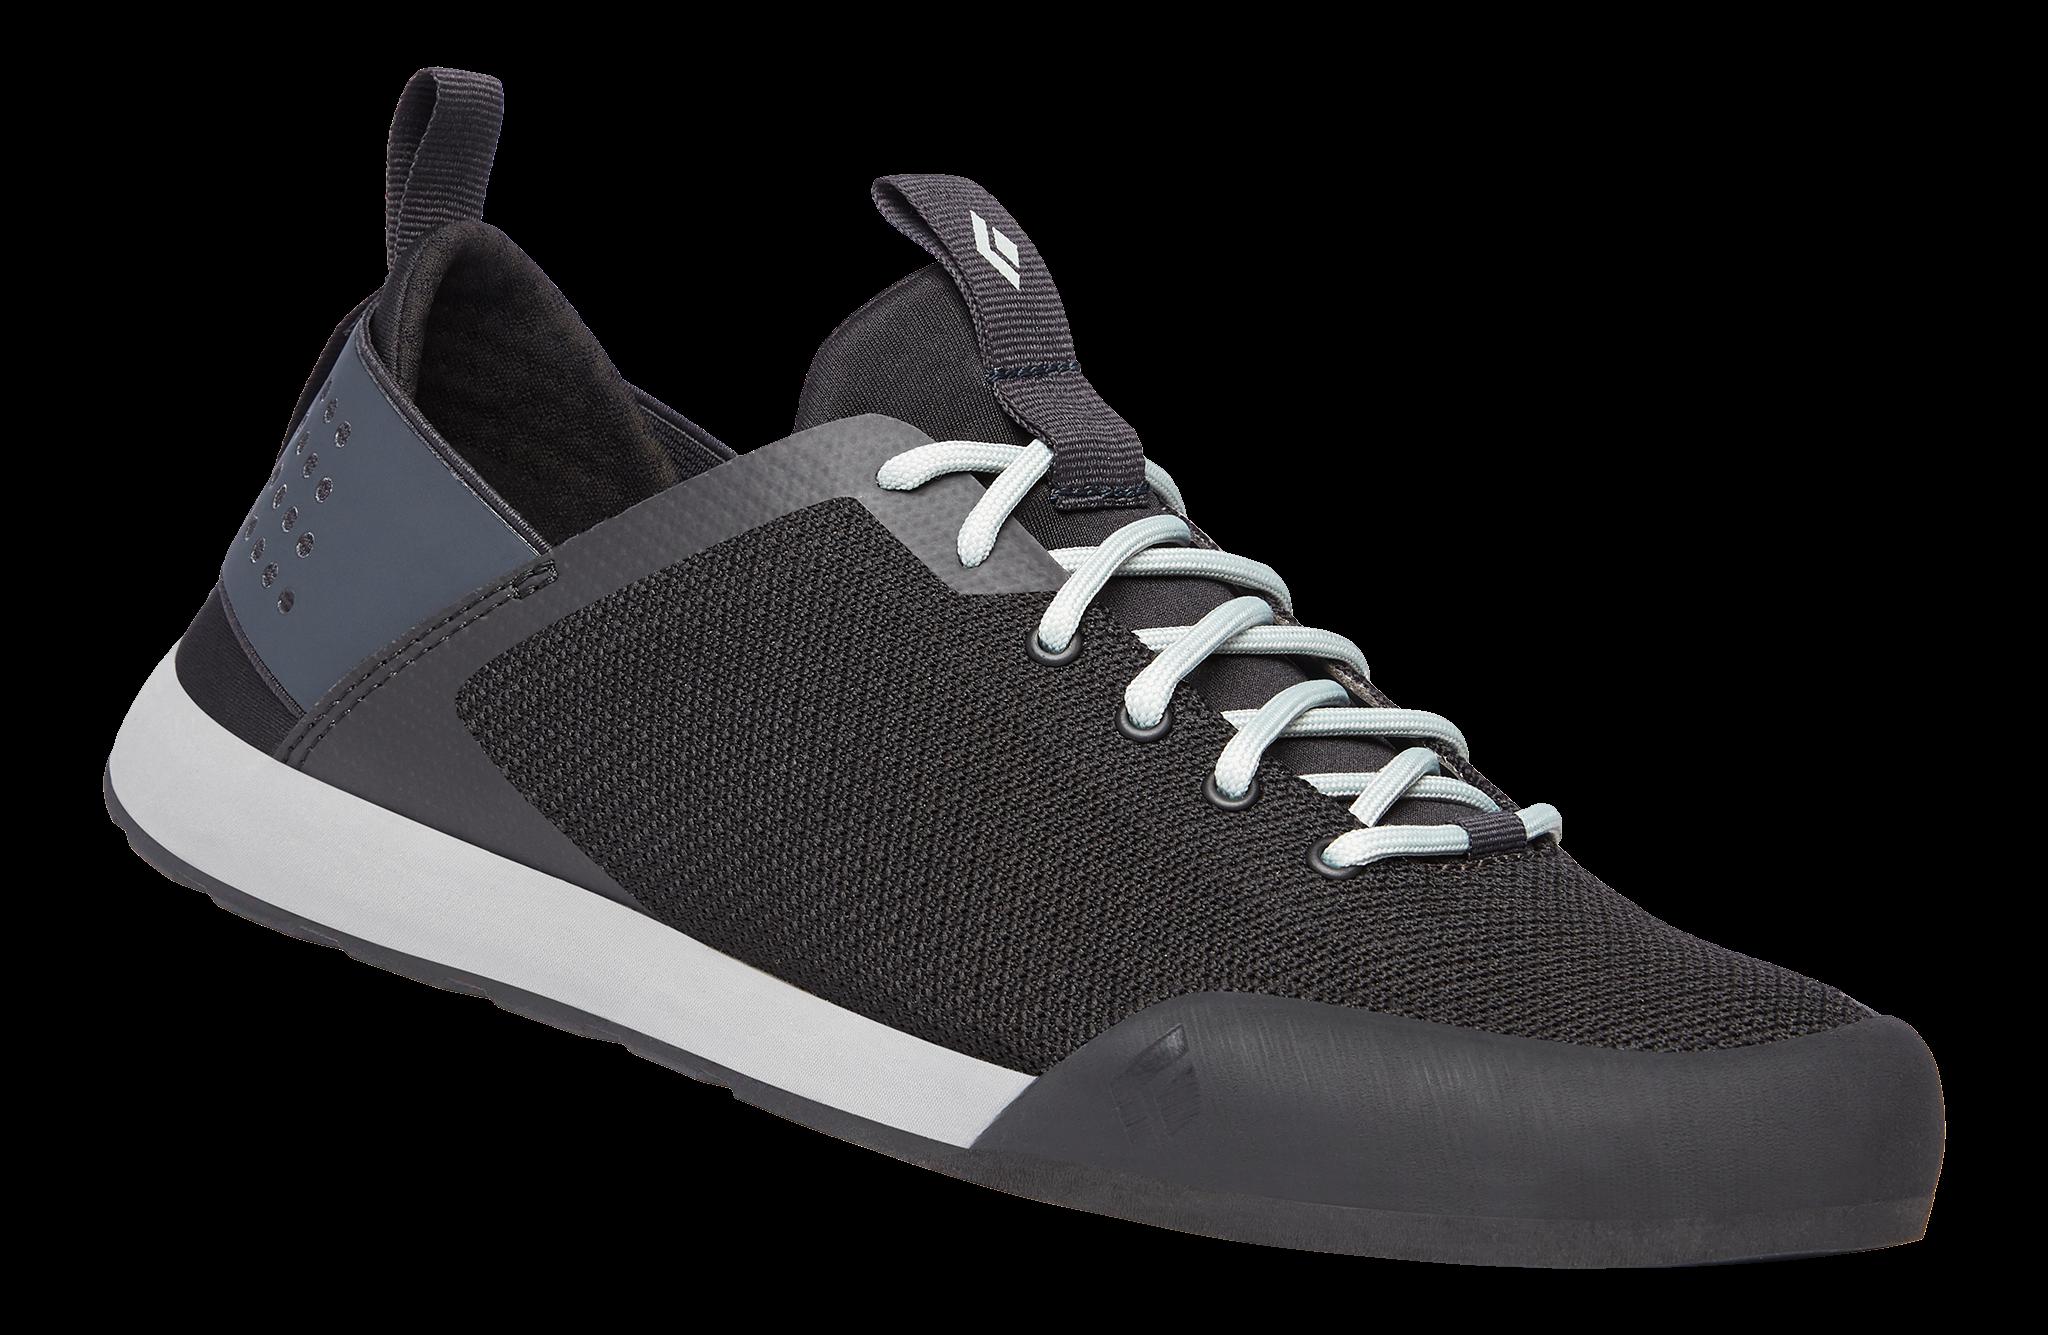 Black Diamond Performance Footwear für technische Zustiege und aktiven Lifestyle